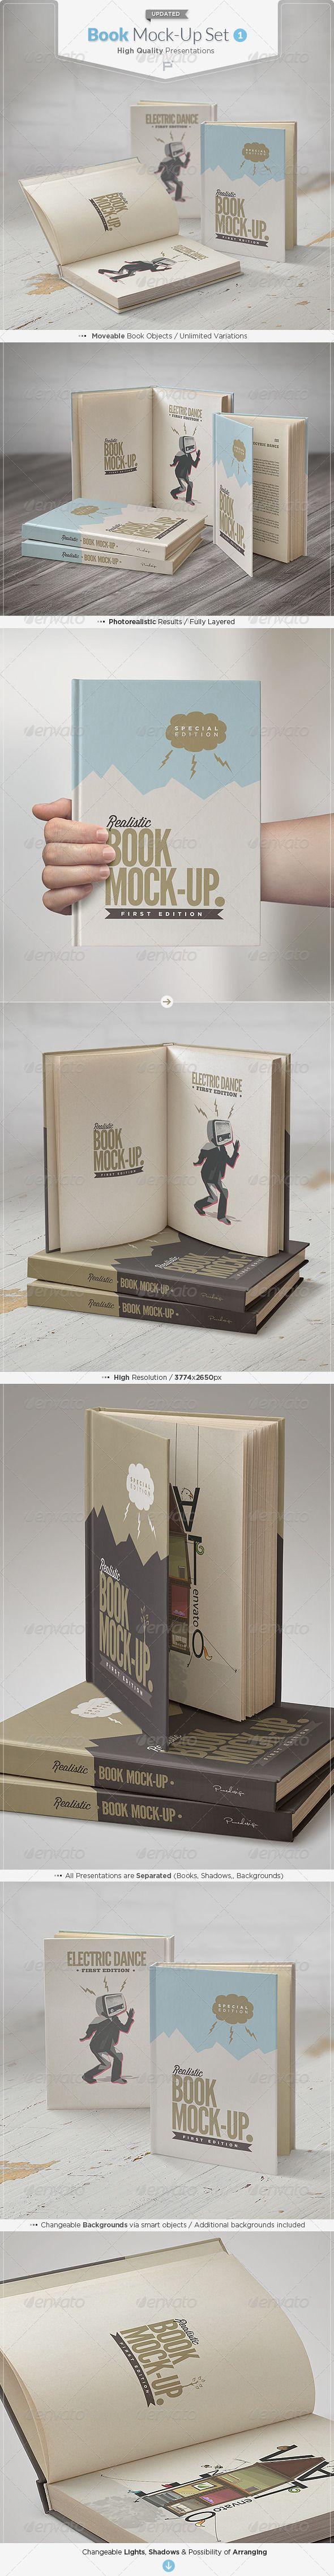 Book Mock-Up Set #bookmockup #mockup Download: http://graphicriver.net/item/book-mockup-set/5237157?ref=ksioks